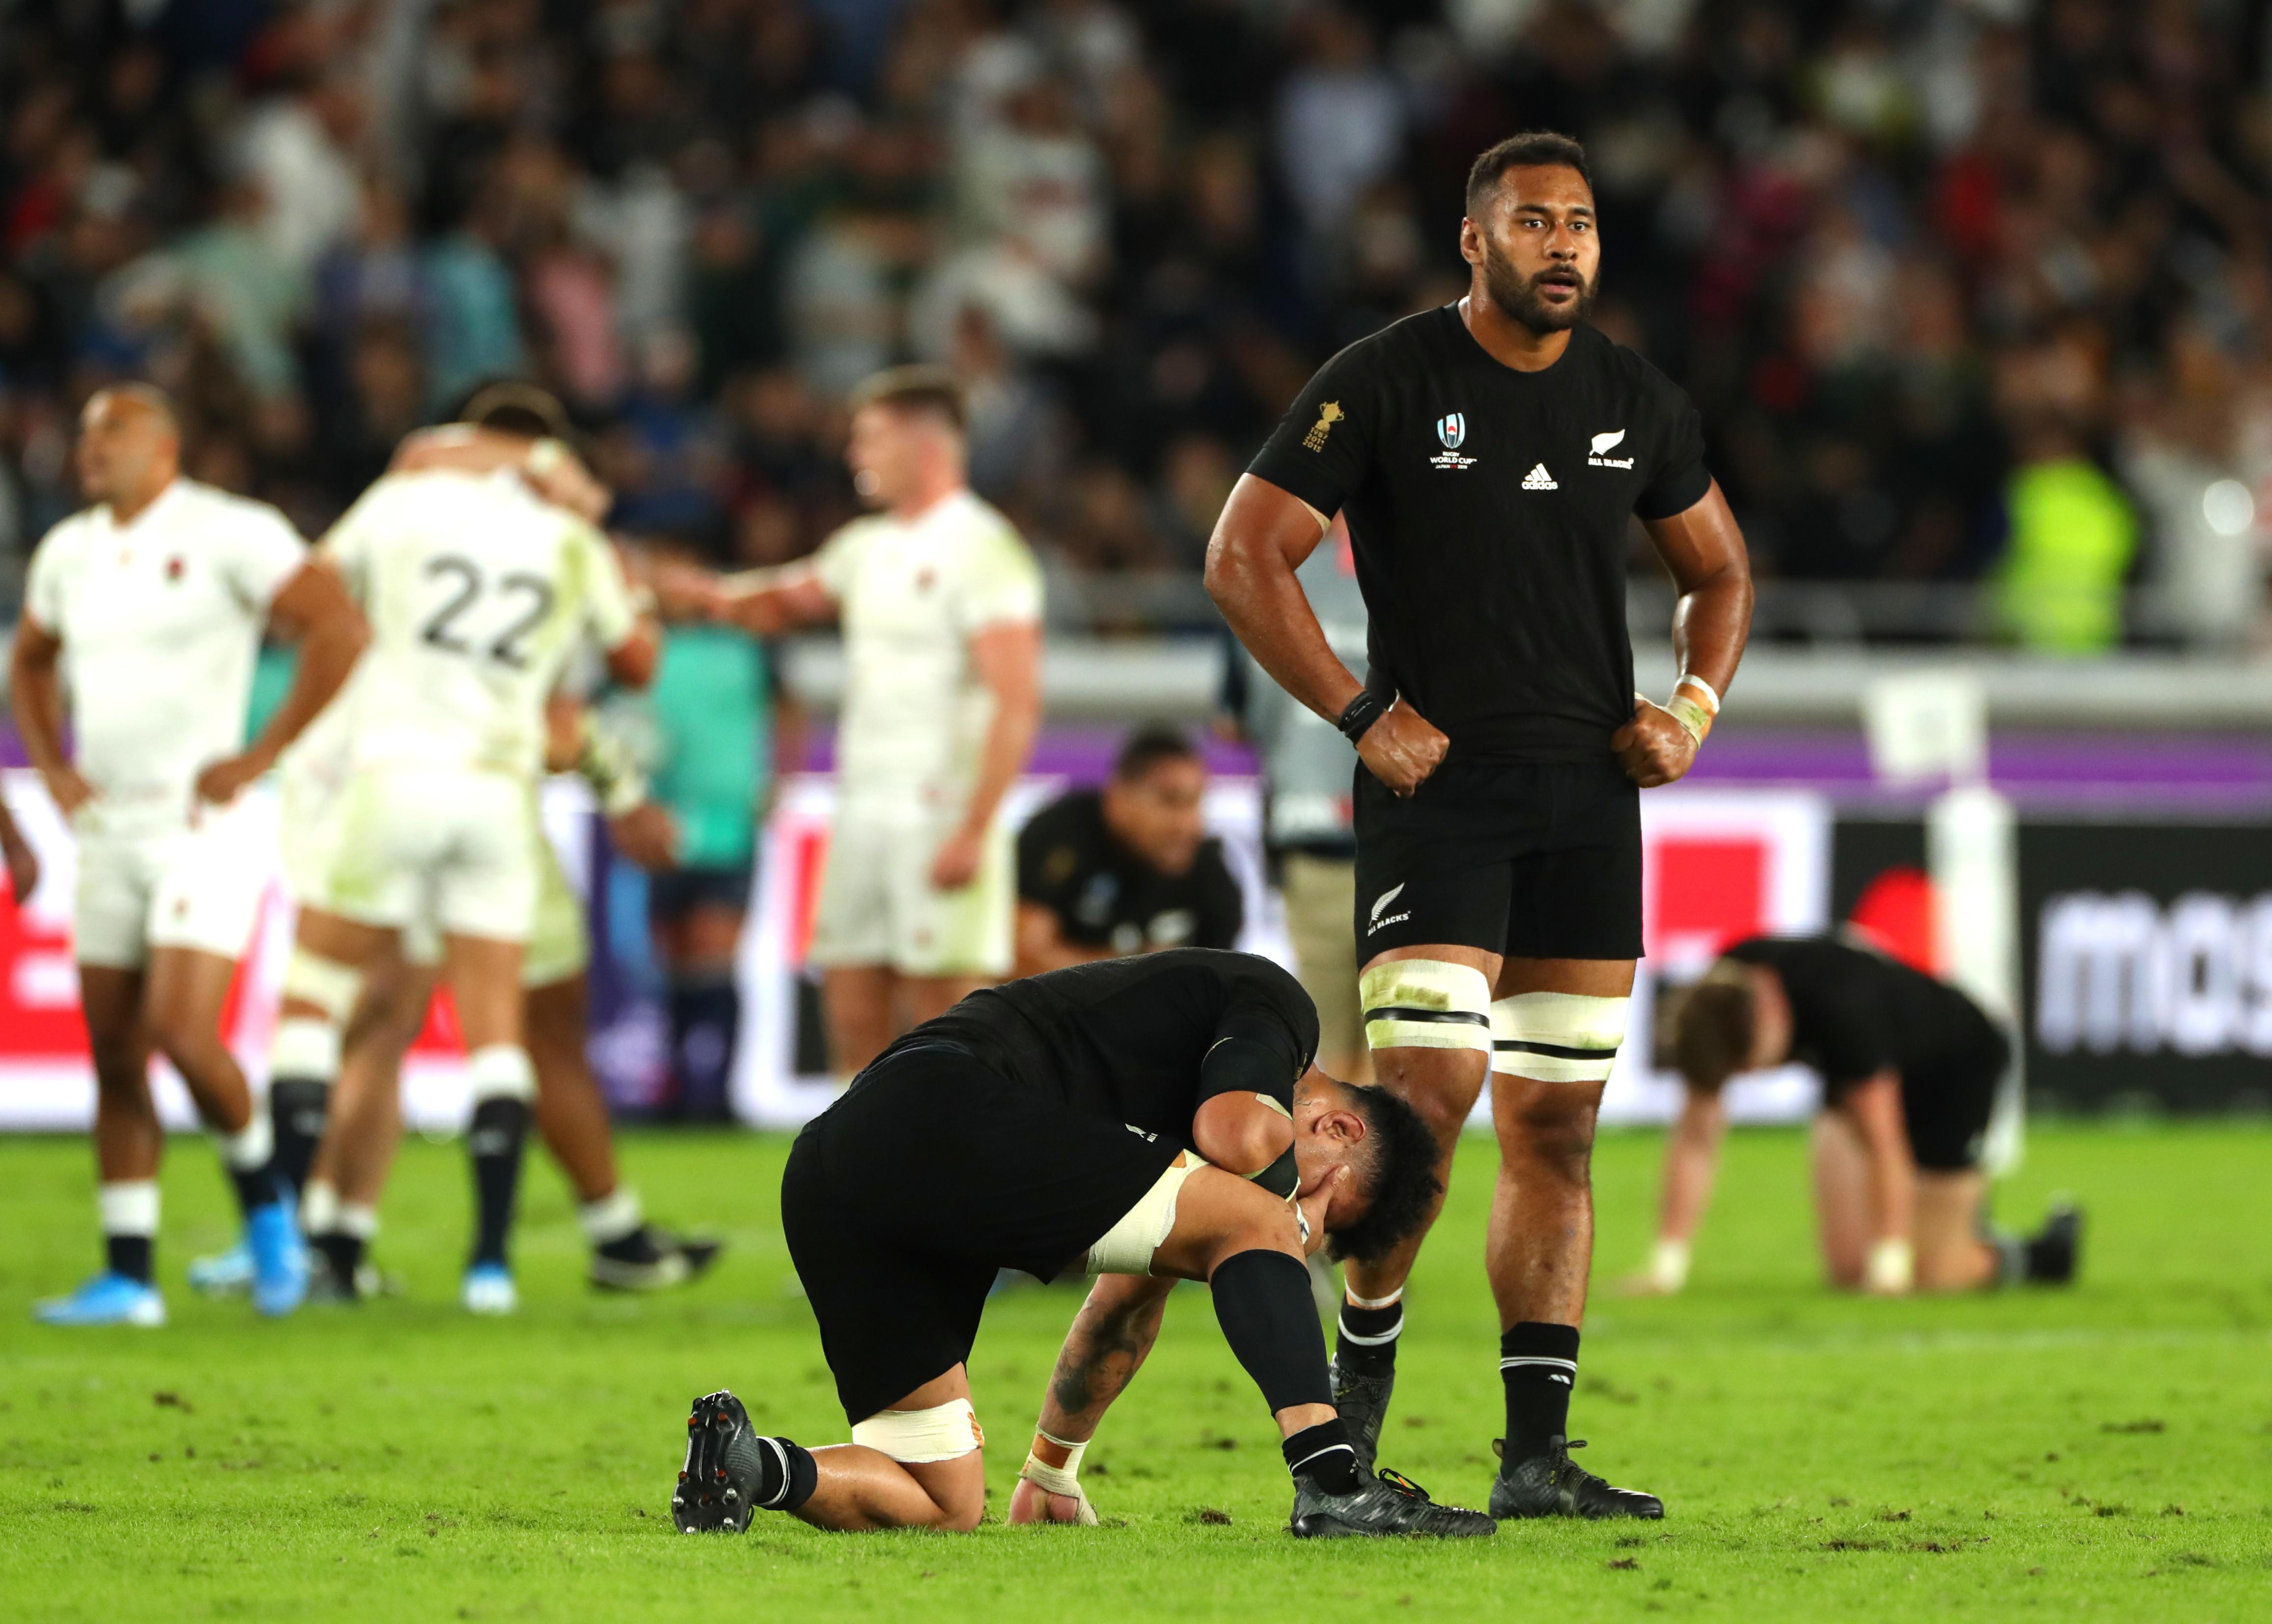 Nuova Zelanda battuta in semifinale ai Mondiali di rugby